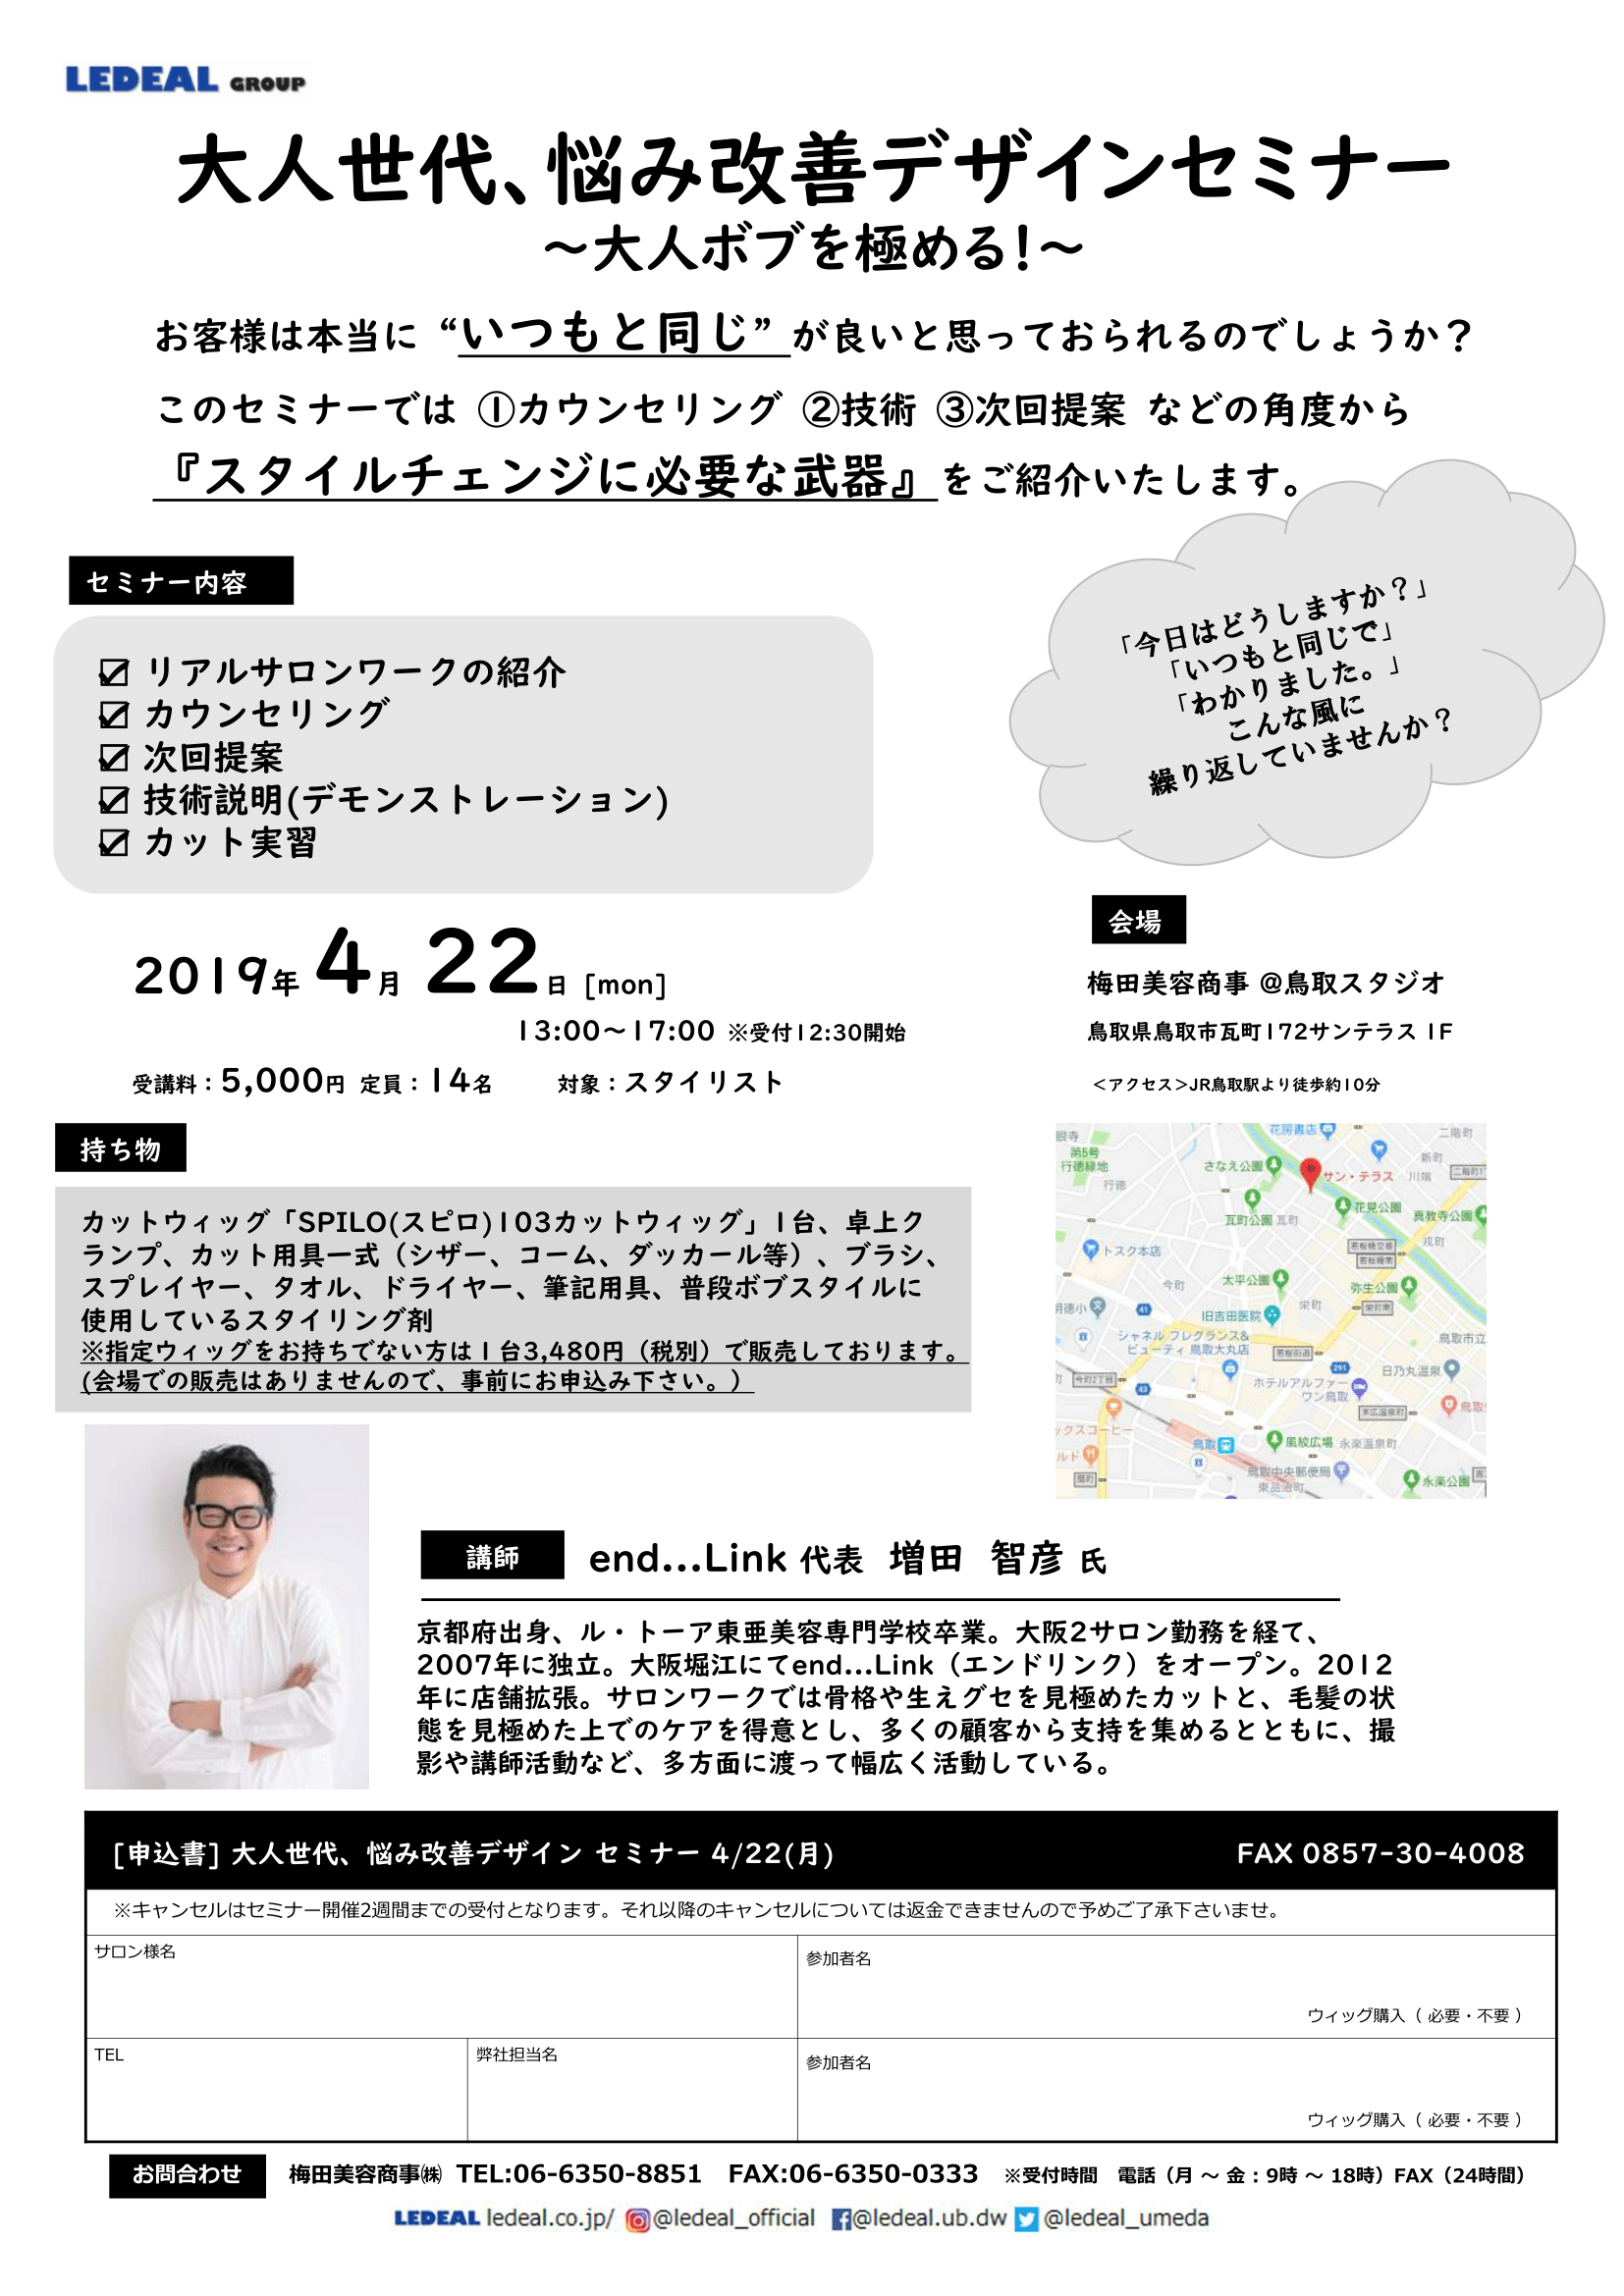 【鳥取】大人世代、悩み改善デザインセミナー